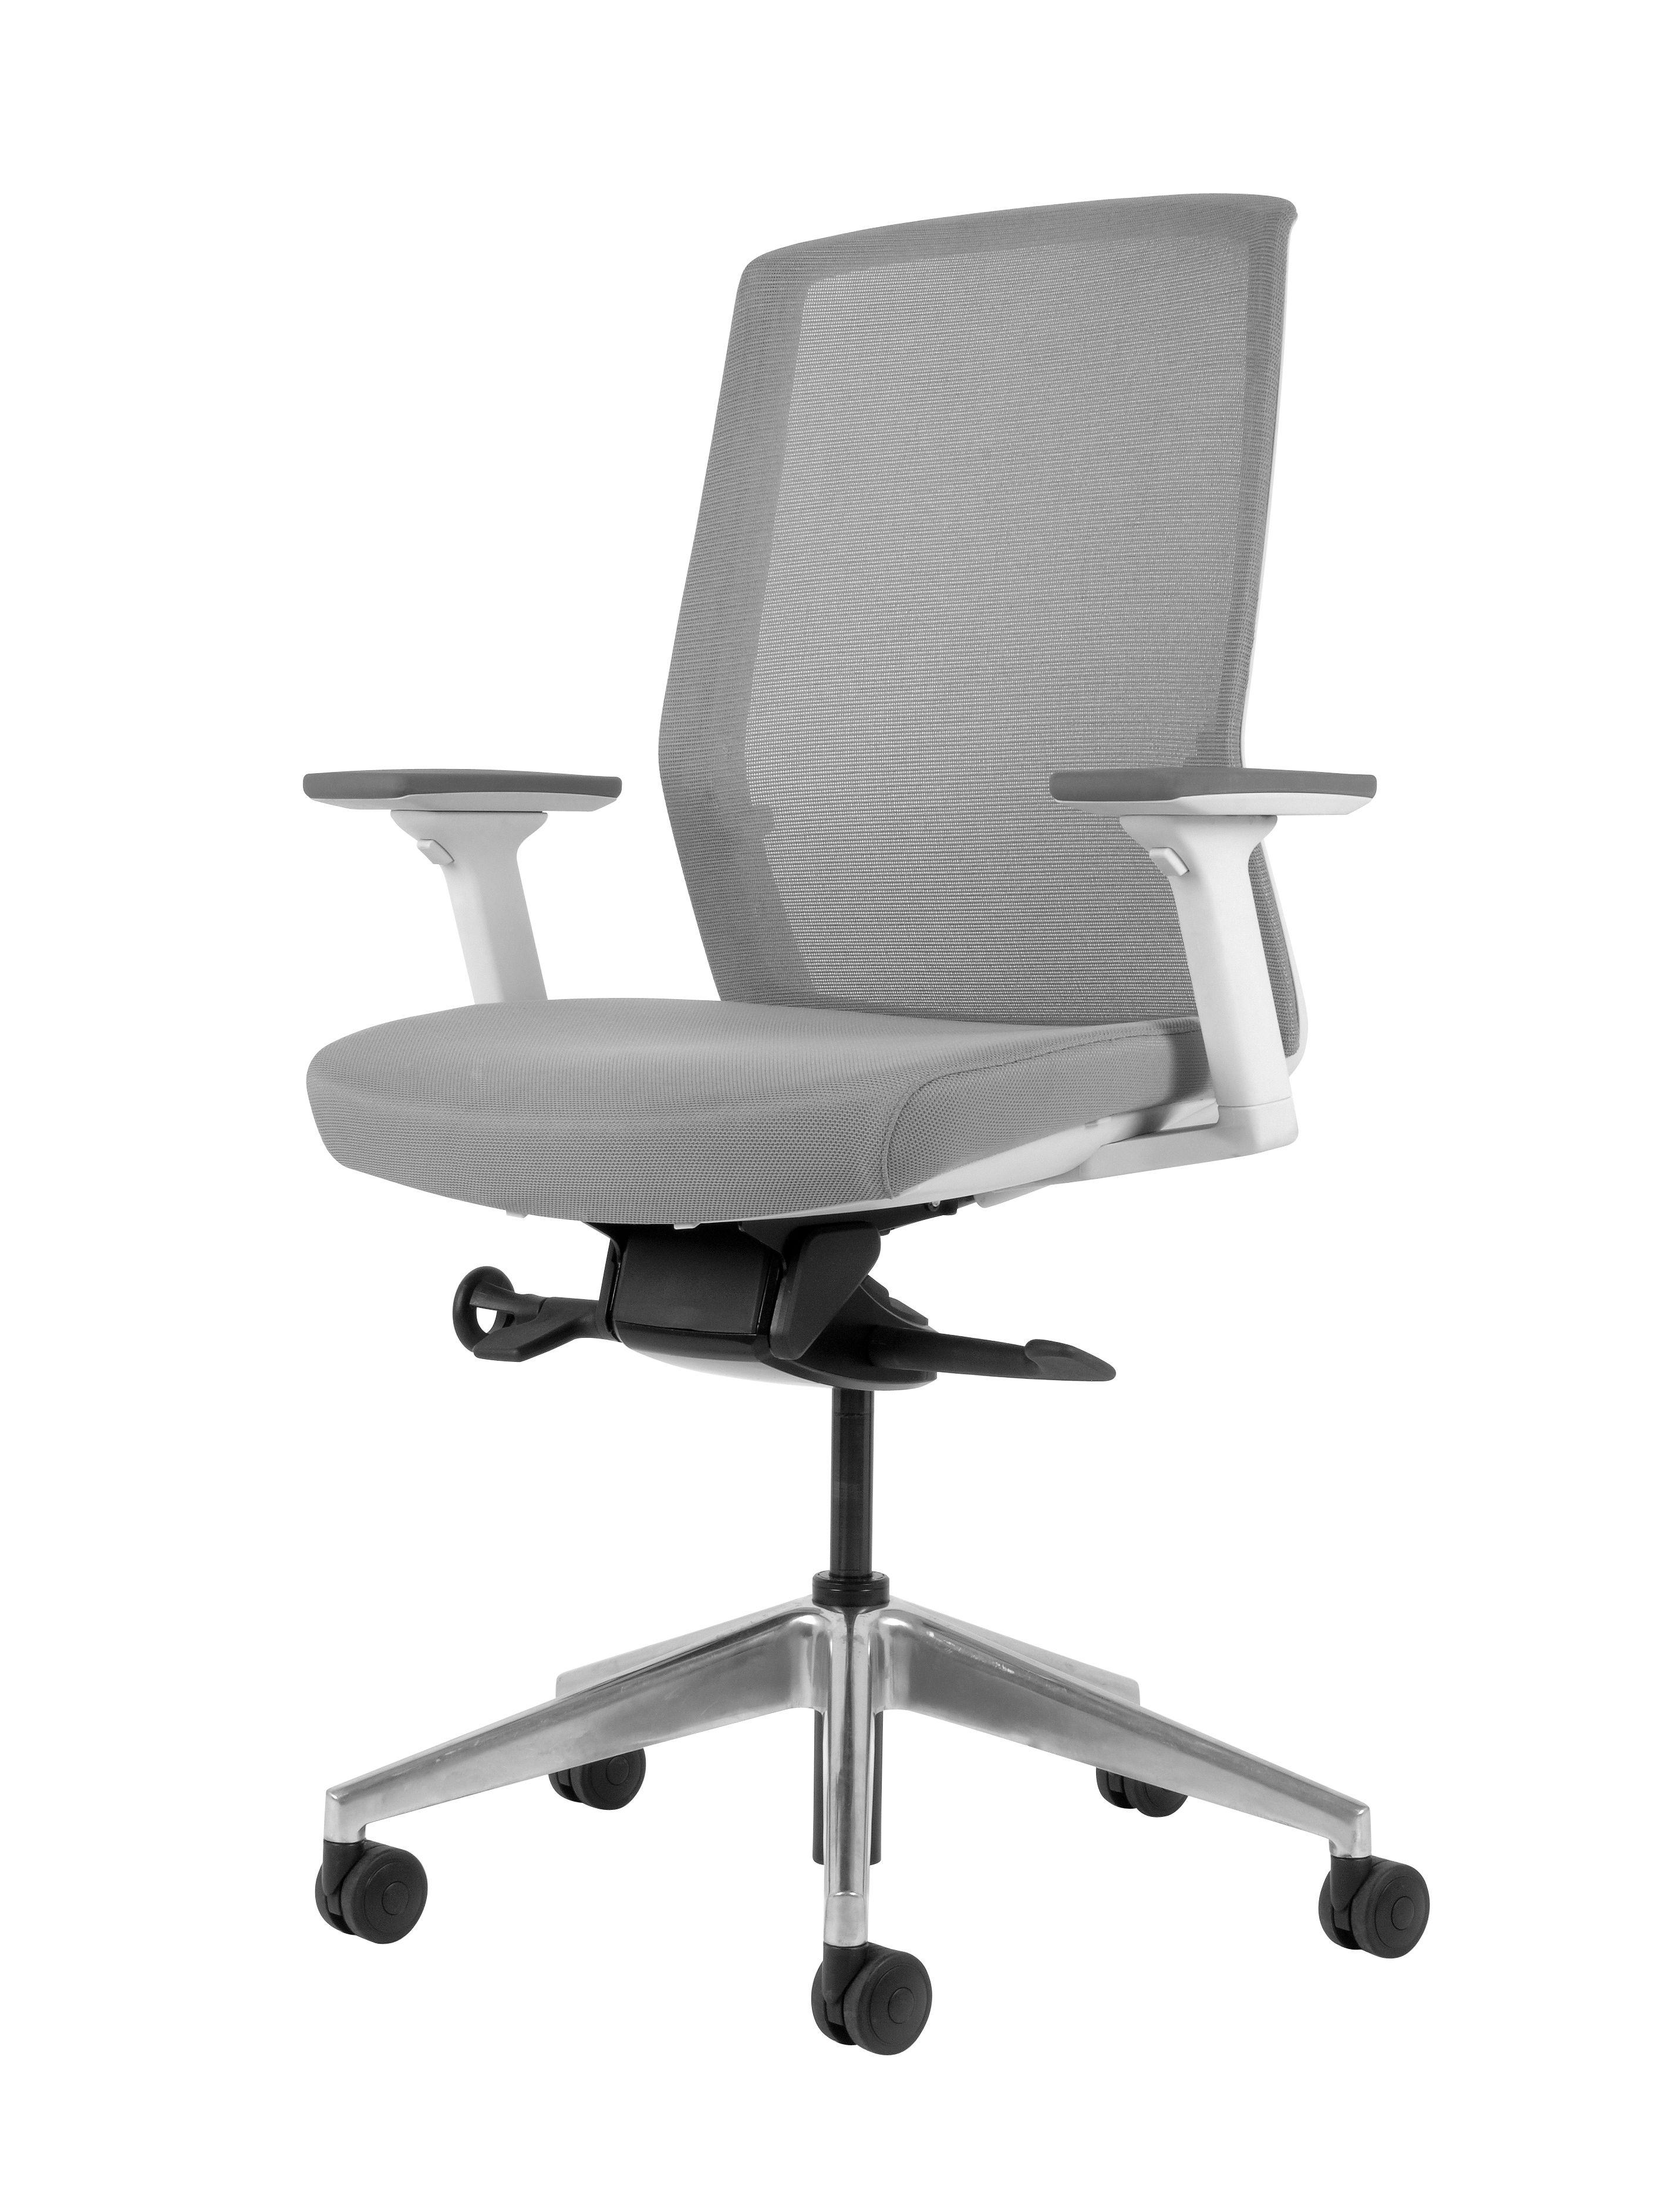 Bestuhl j1 task chair white grey task chair mesh